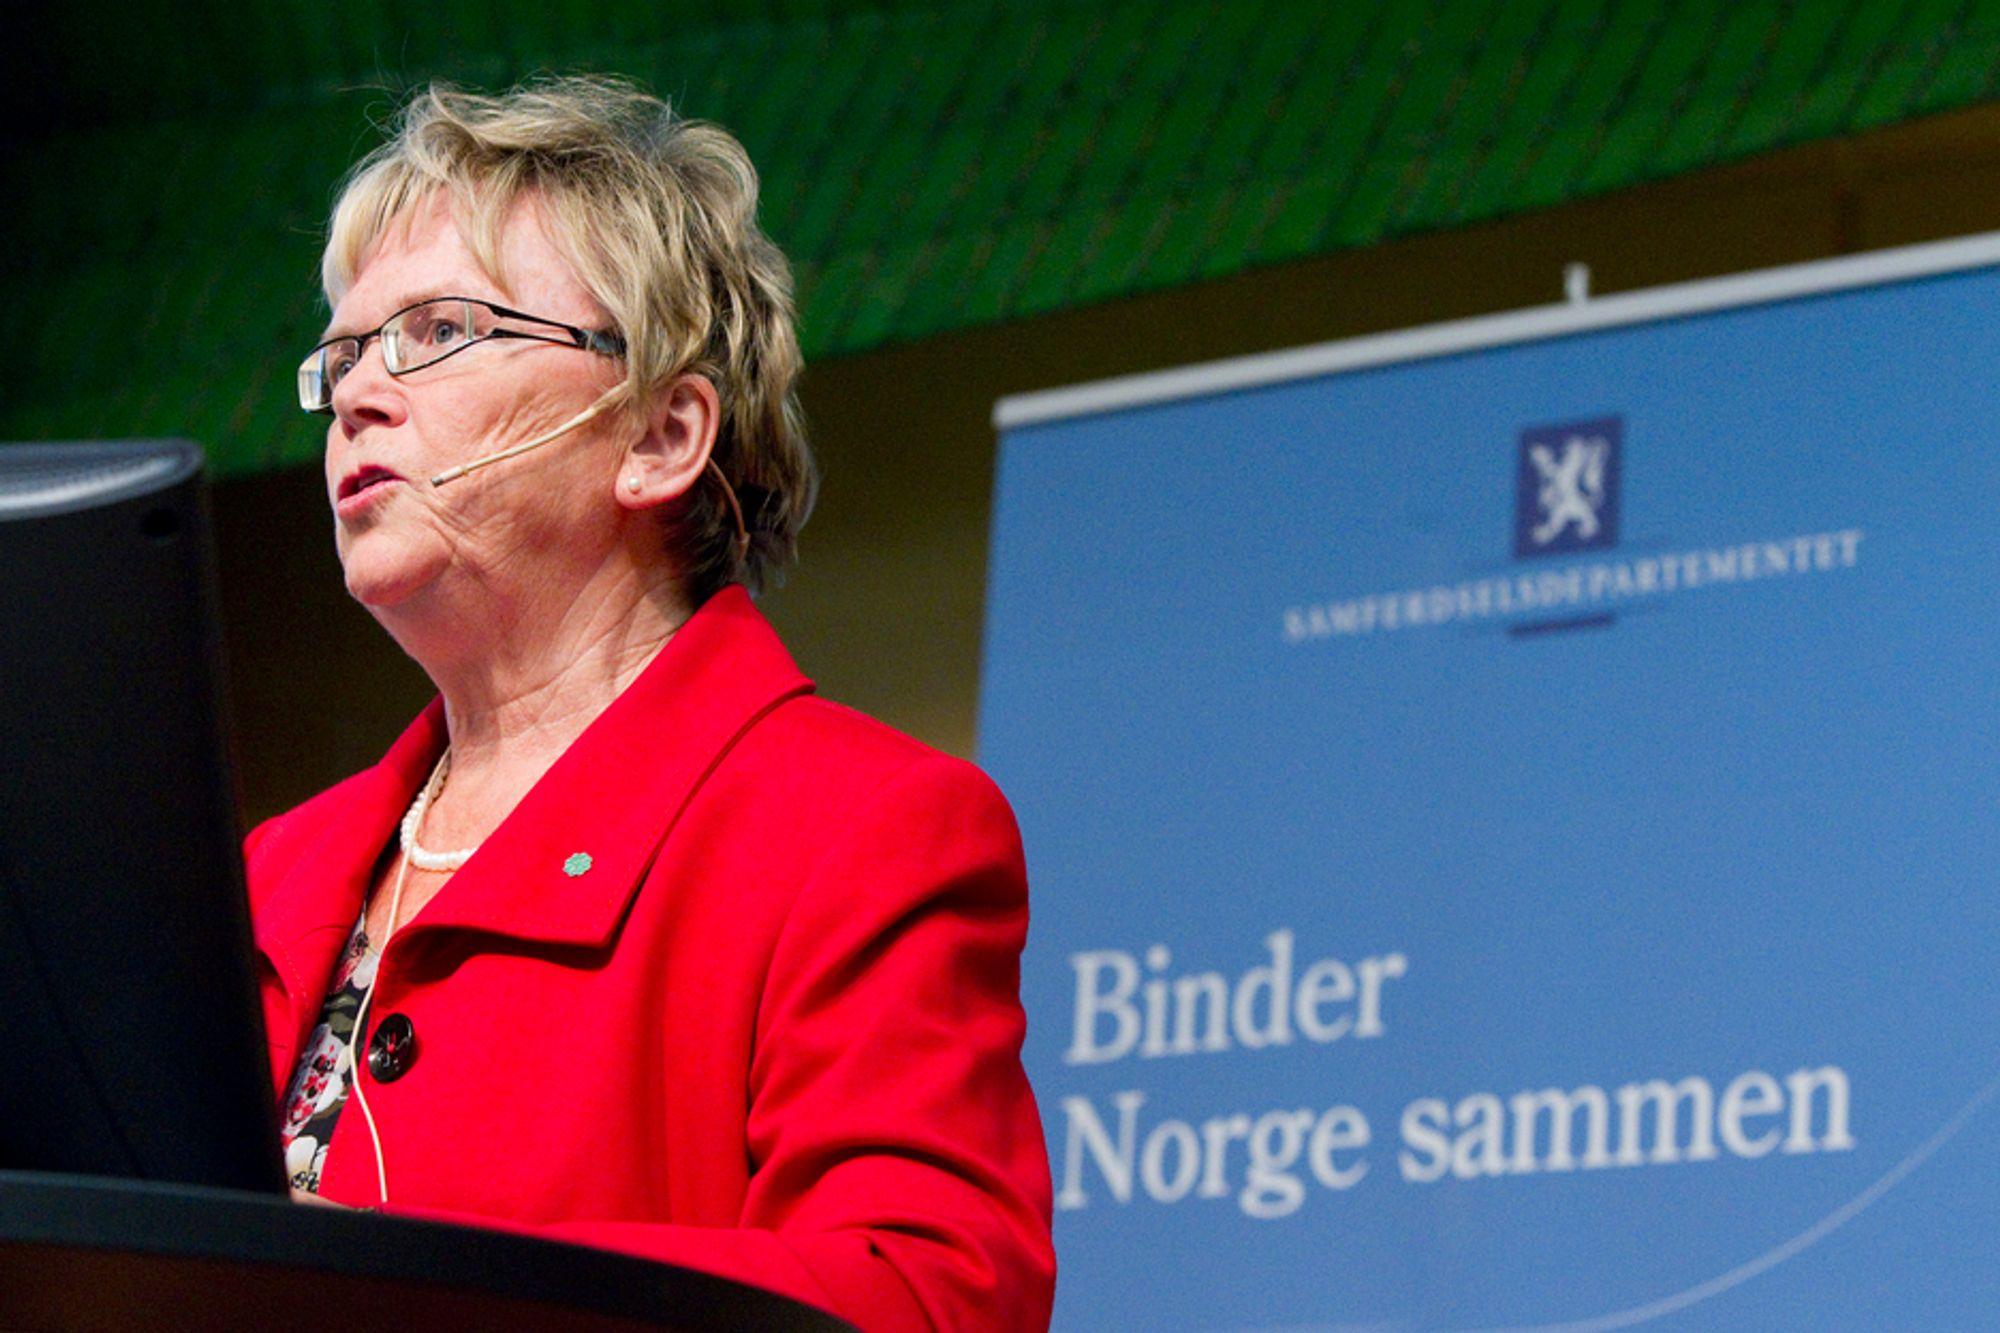 Samferdselsminister Magnhild Meltveit Kleppa (Sp) frykter at datalagringsdirektivet kan legge stadig nye områder under seg på bekostning av personvernet. Tirsdag holdt hun seminar for både motstandere og tilhengere.